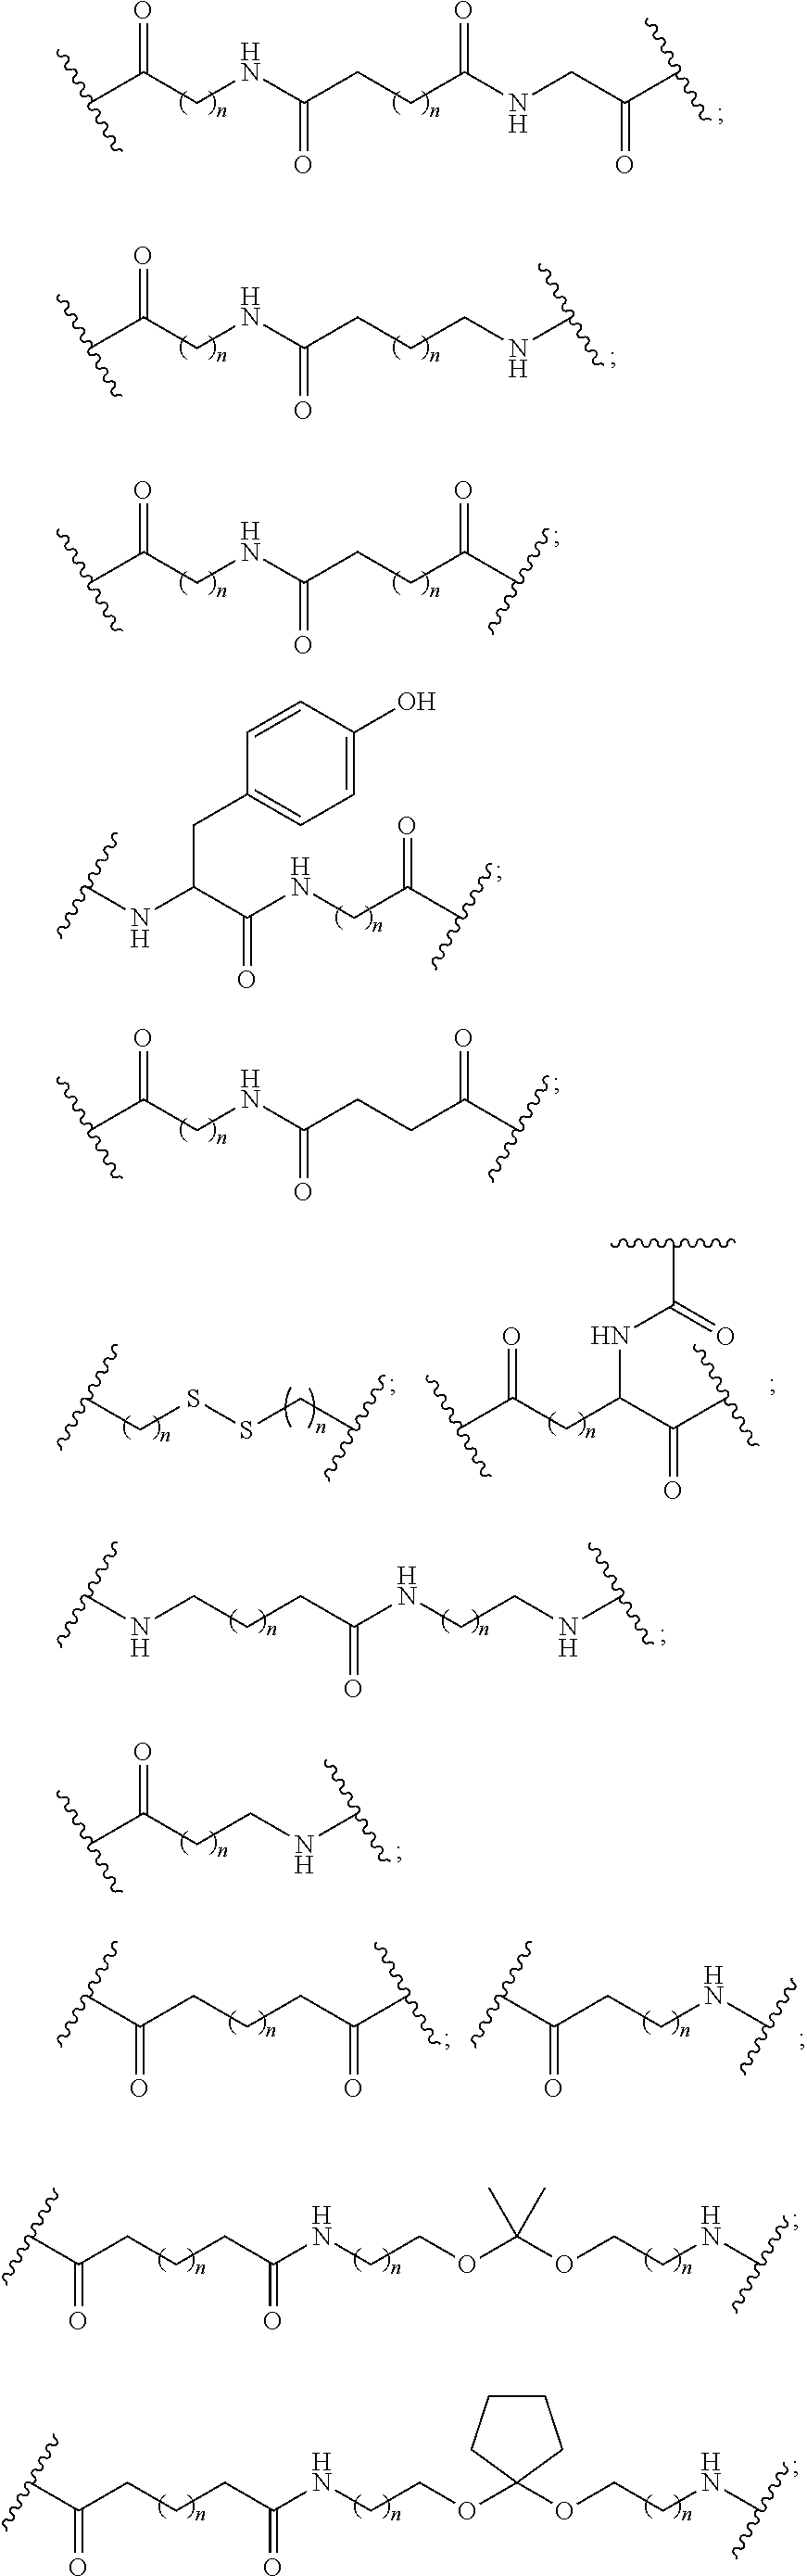 Figure US09943604-20180417-C00059